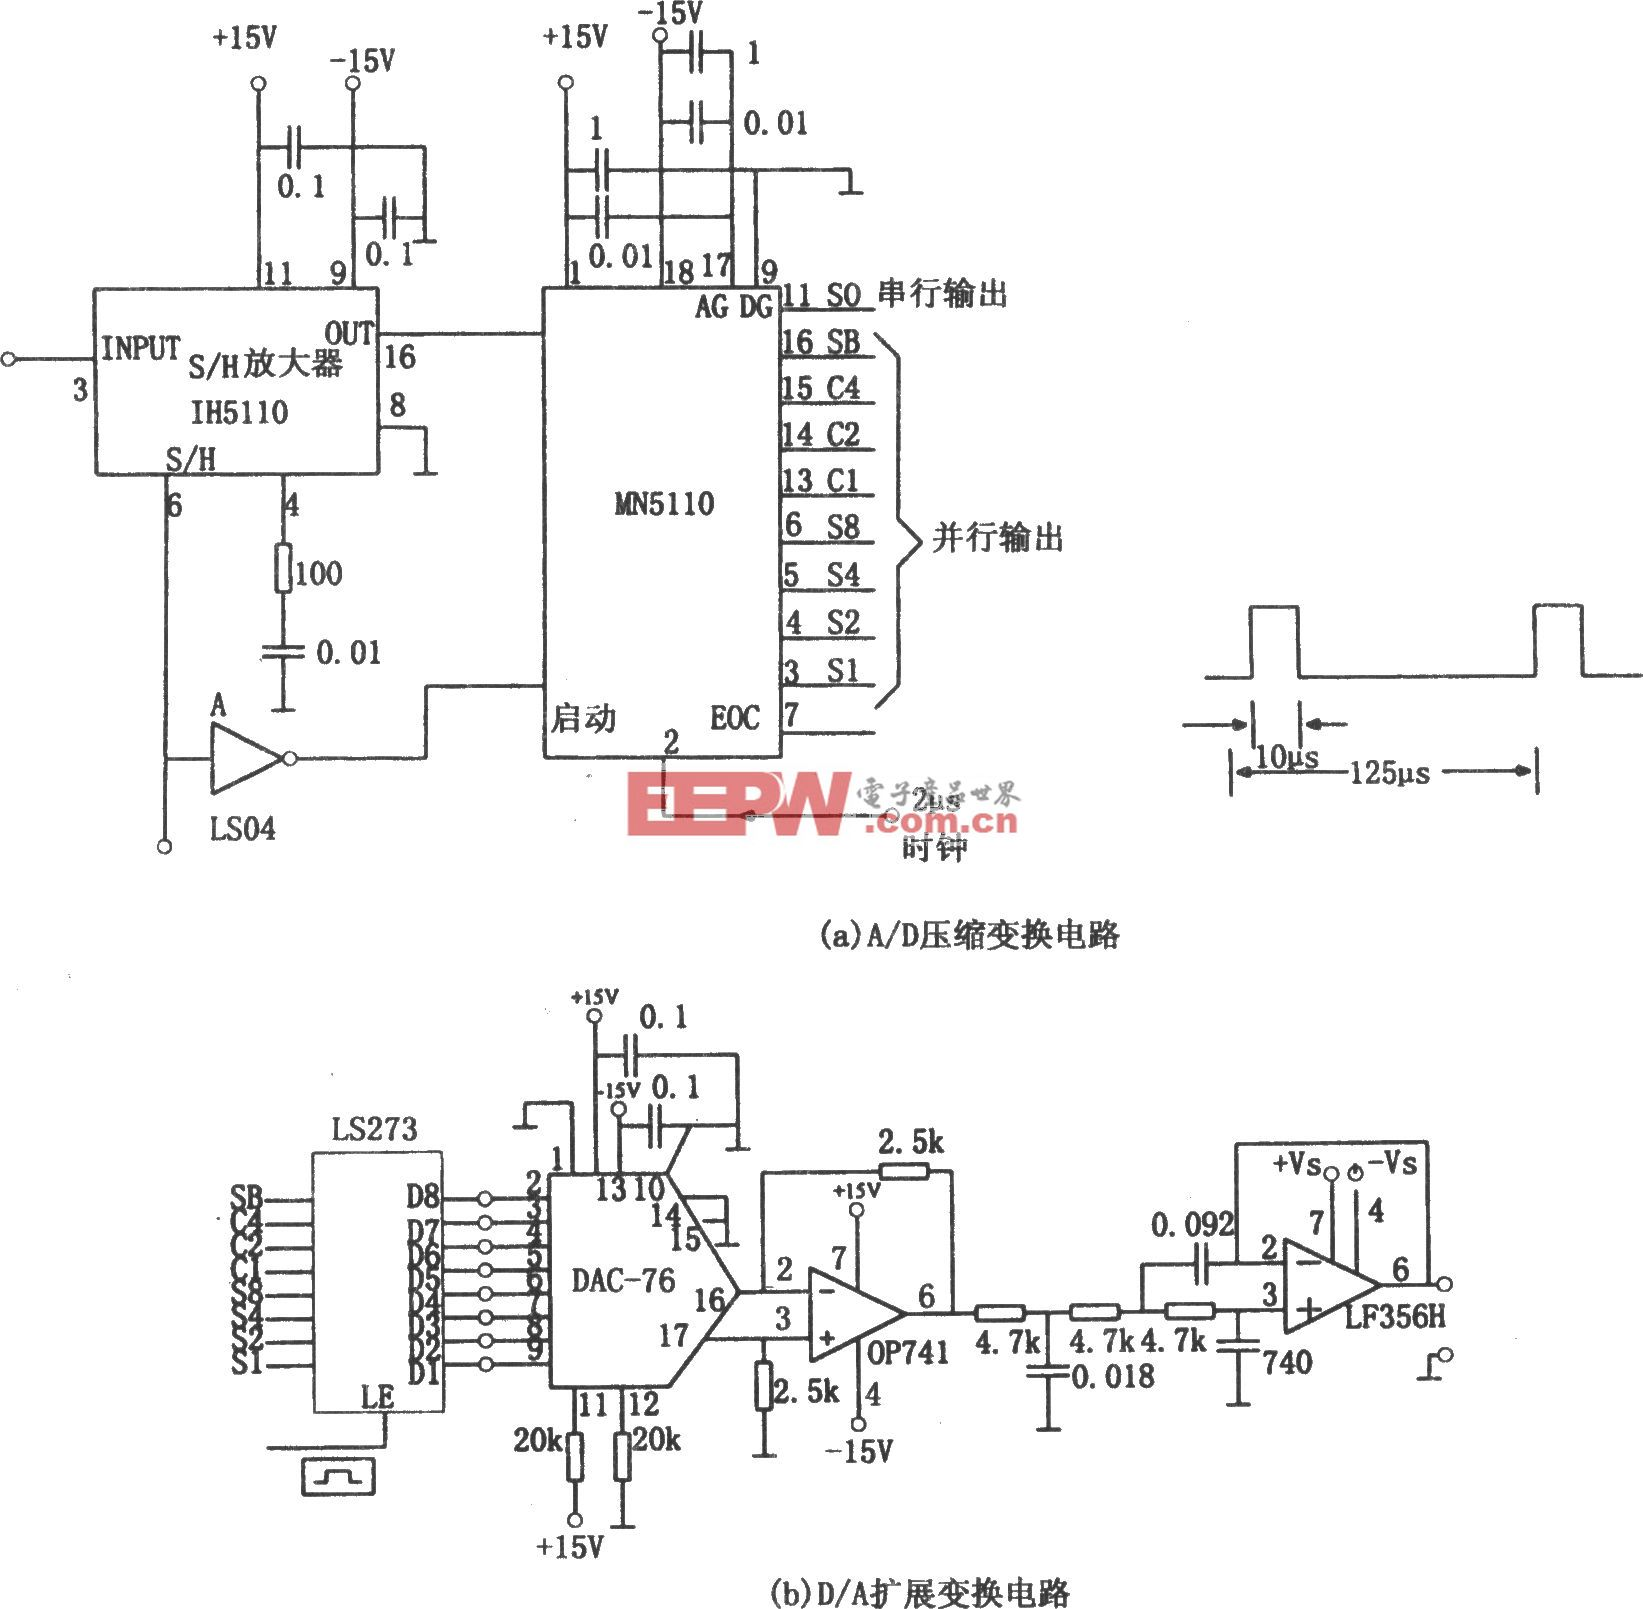 对数压缩方式数字音频处理器(DAC76、MN5110)